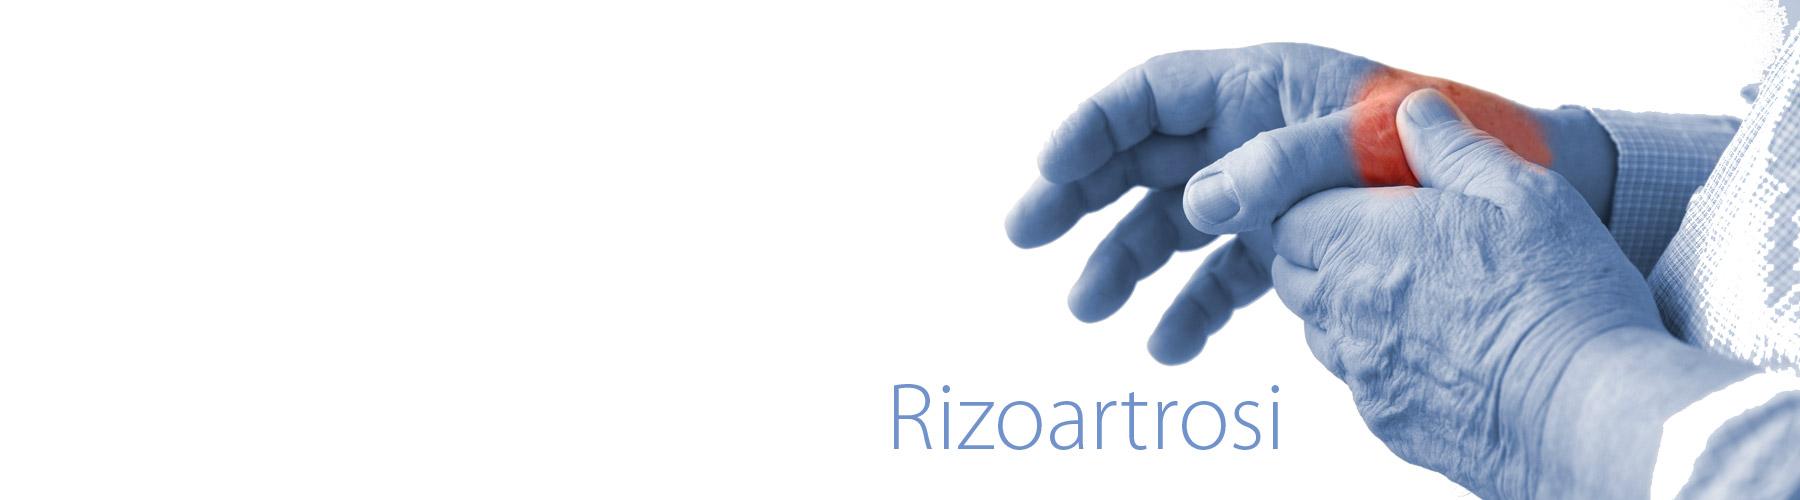 La rizoartrosi è una forma di artrosi che colpisce l'articolazione alla base del primo dito, il pollice. Il dottor Giuseppe Checcucci, Chirurgo chirurgo ortopedico dell'arto superiore, è specializzato nel trattamento della rizoartrosi e riceve a Firenze, Arezzo ed Empoli. I tempi di attesa sono estremamente rapidi.La rizoartrosi è una forma di artrosi che colpisce l'articolazione alla base del primo dito, il pollice. Il dottor Giuseppe Checcucci, Chirurgo chirurgo ortopedico dell'arto superiore, è specializzato nel trattamento della rizoartrosi e riceve a Firenze, Figline Valdarno, Arezzo ed Empoli. Gli interventi chirurgici sono effettuati sia in forma privata che in convenzione con la ASL. I tempi di attesa sono estremamente rapidi.